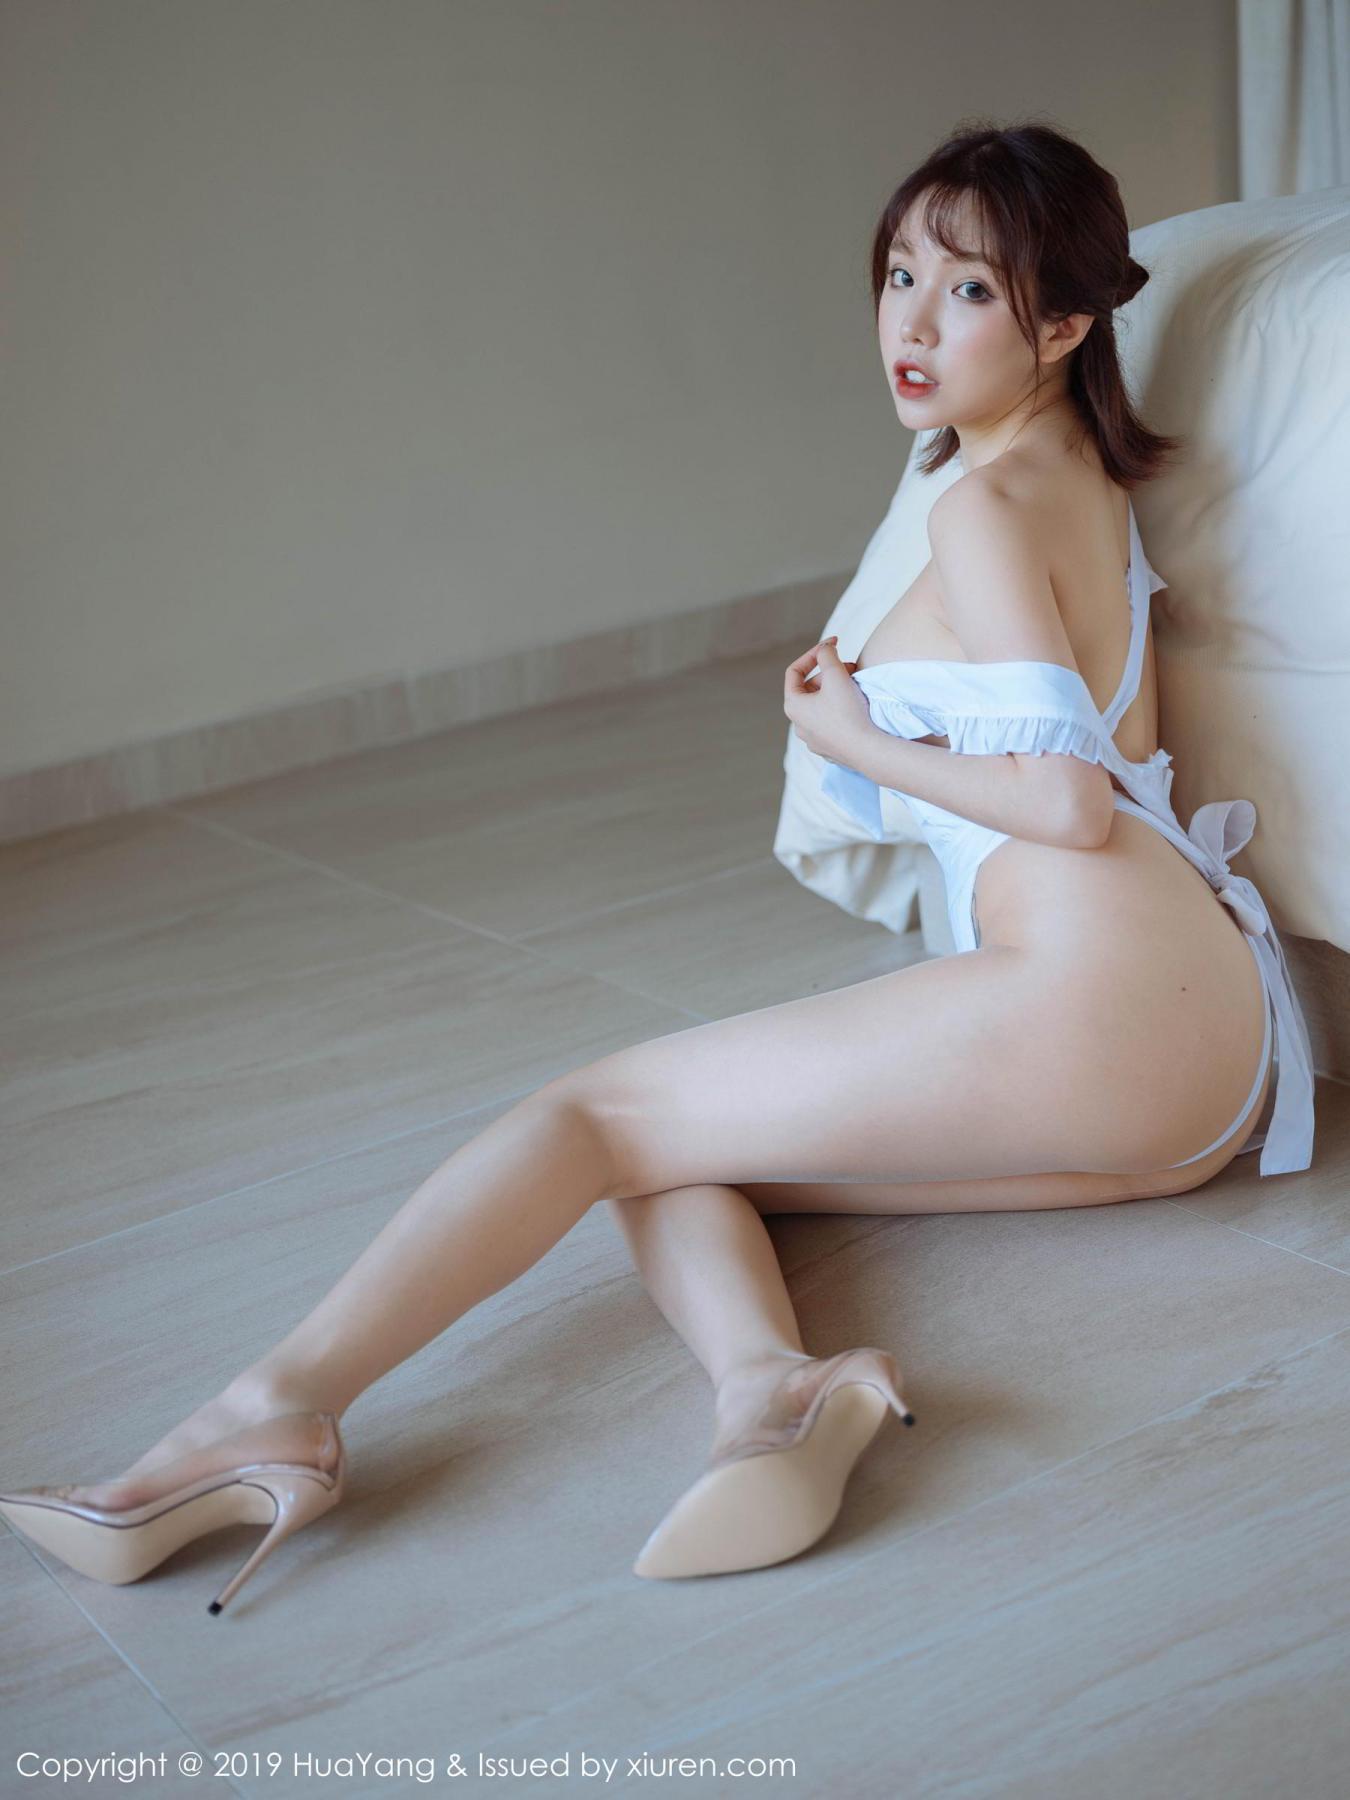 [Huayang] Vol.134 Huang Le Ran 16P, Huang Le Ran, HuaYang, Maid, Sexy